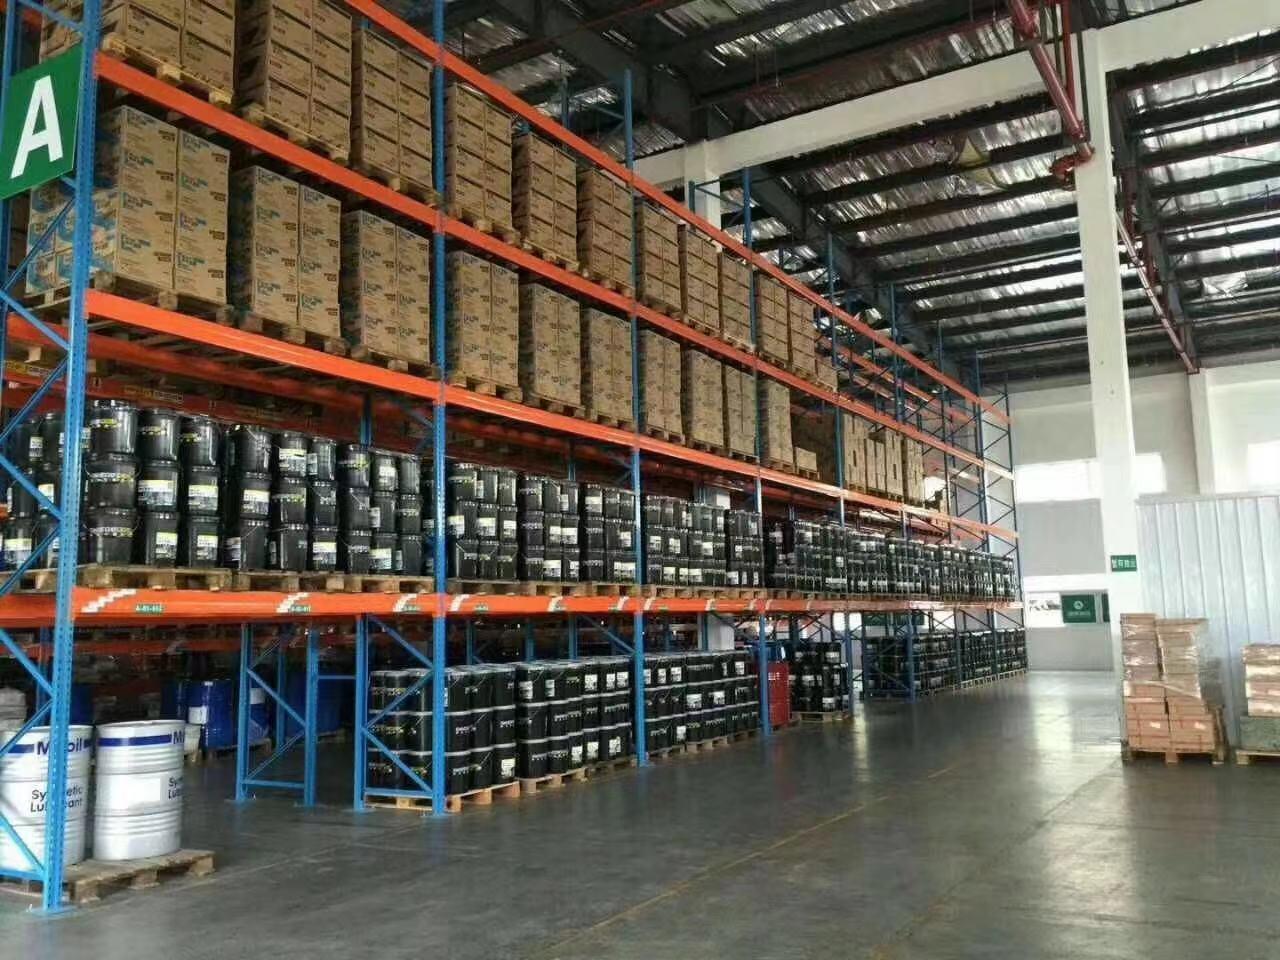 上海到阿克苏运输公司,运输公司